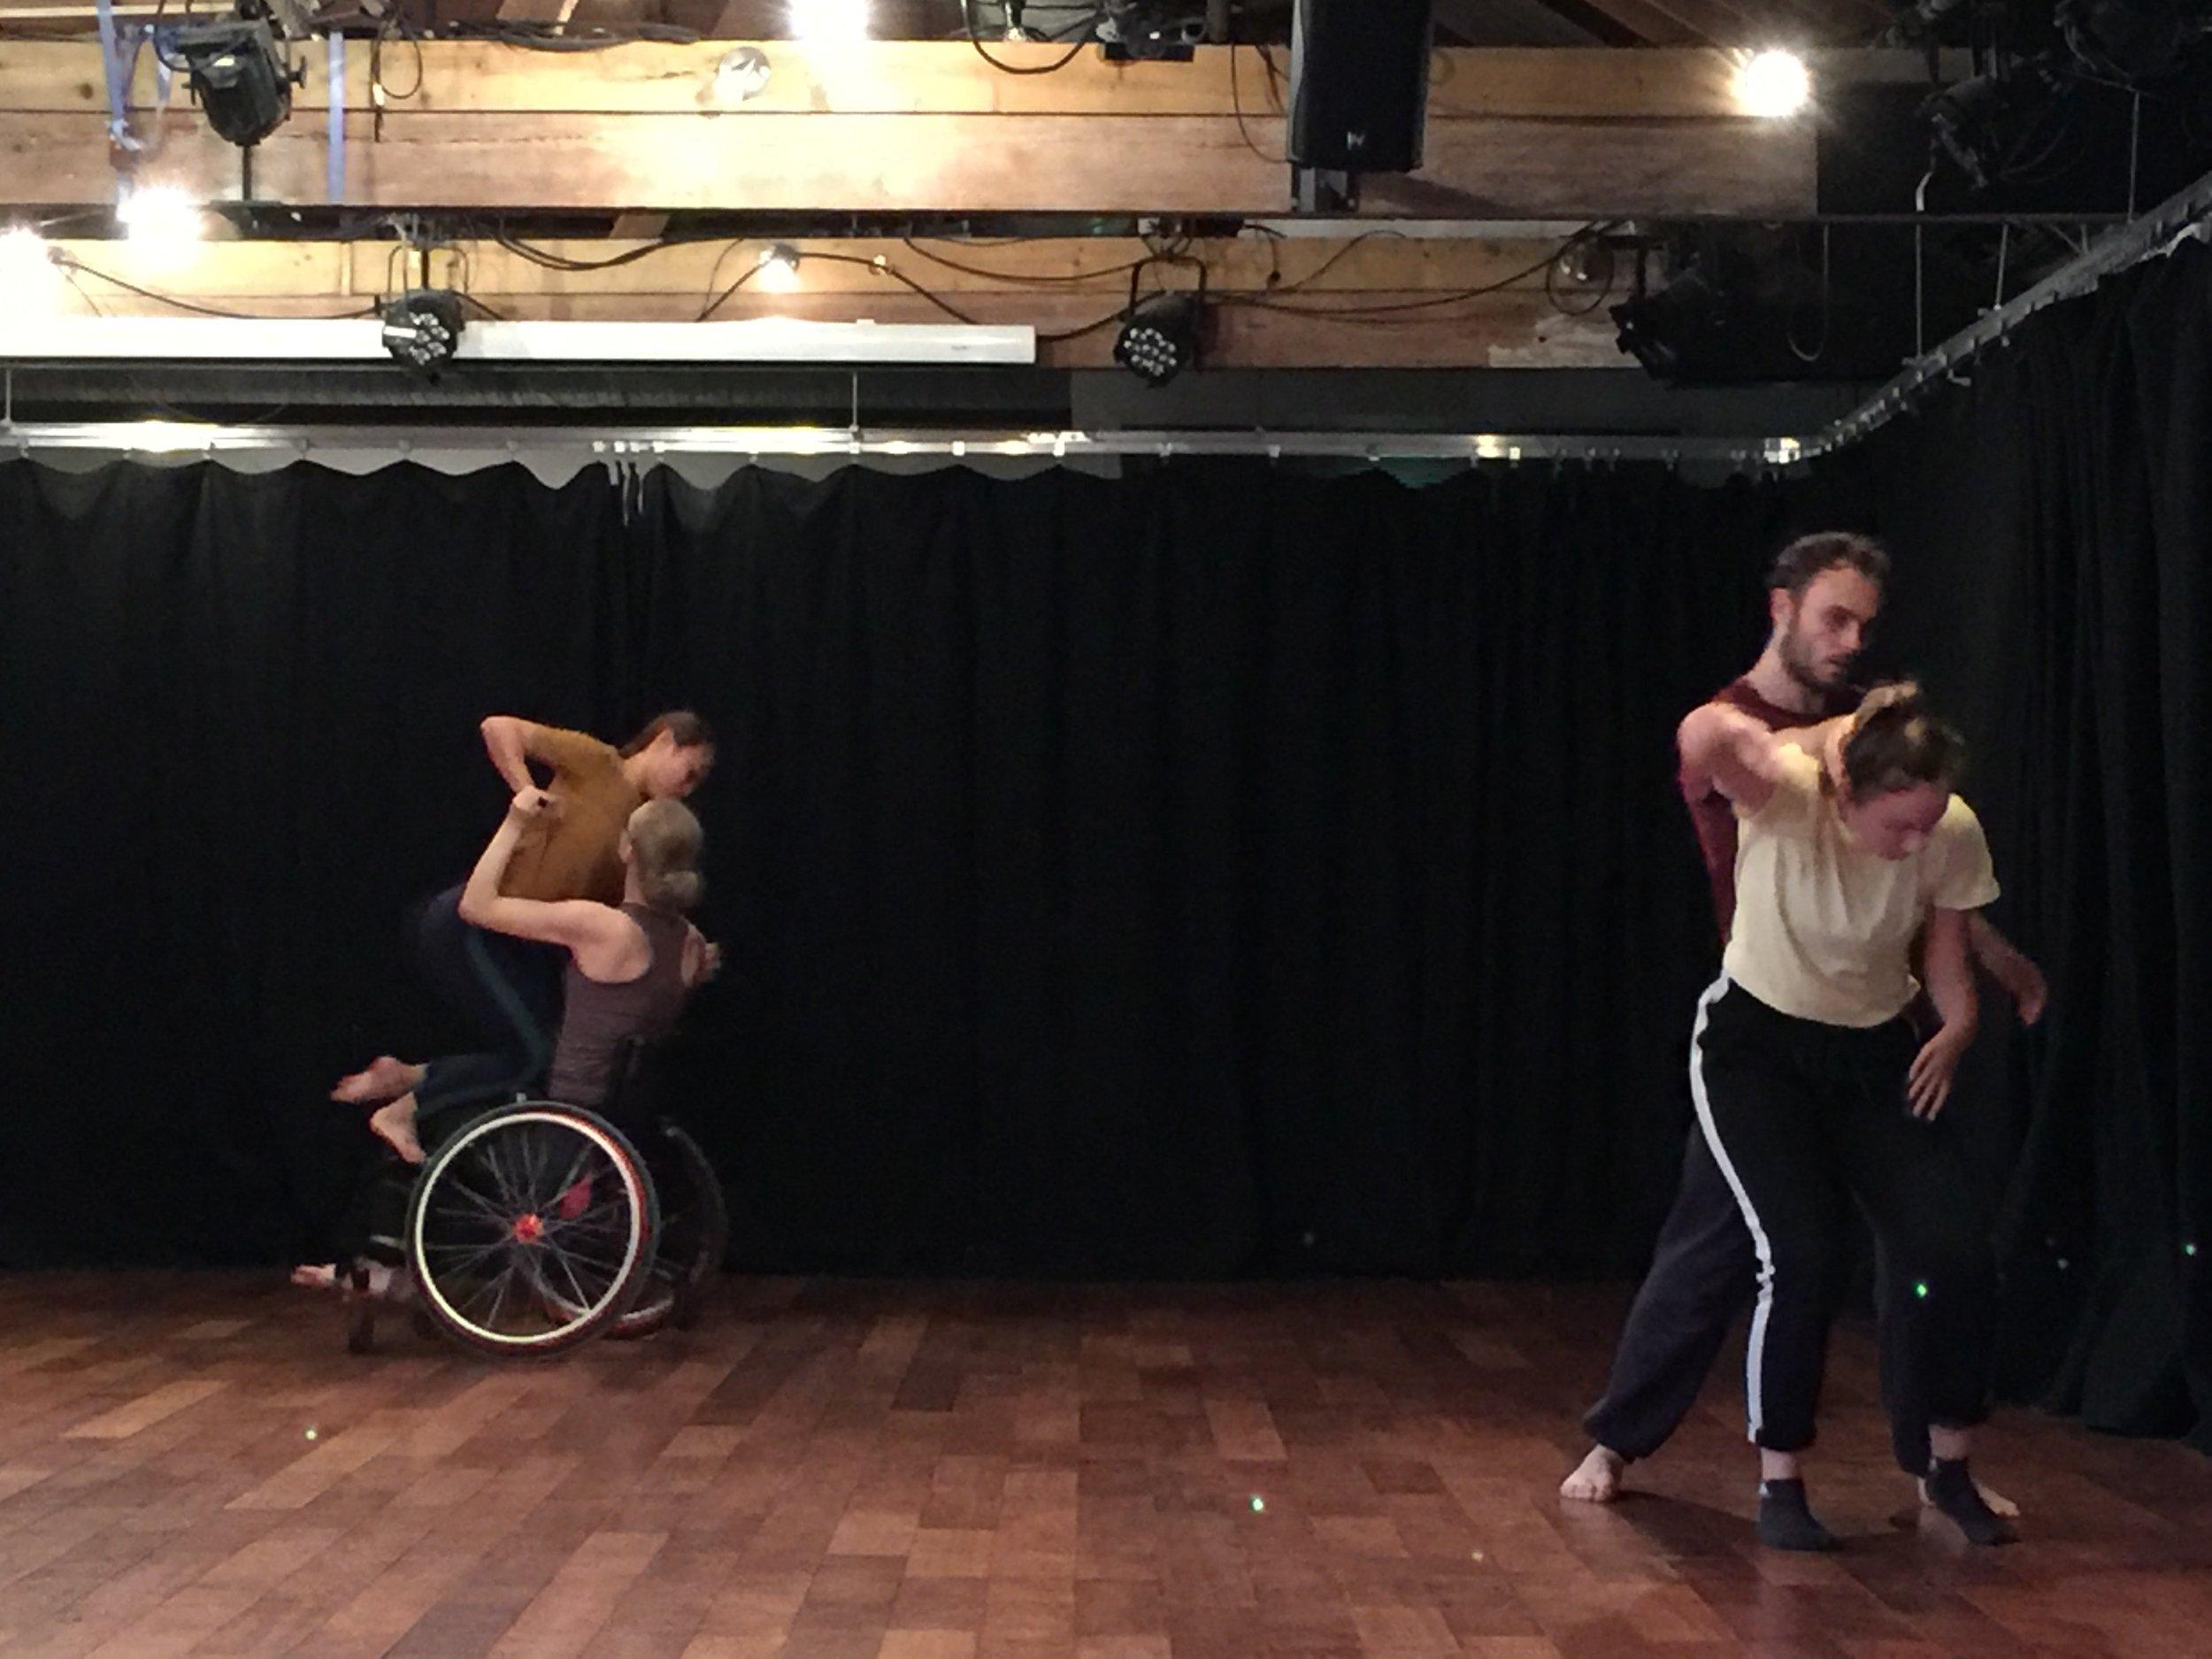 共融舞蹈破除觀眾對於障礙舞者的想像,探索不同特色身體的對話可能性.jpg